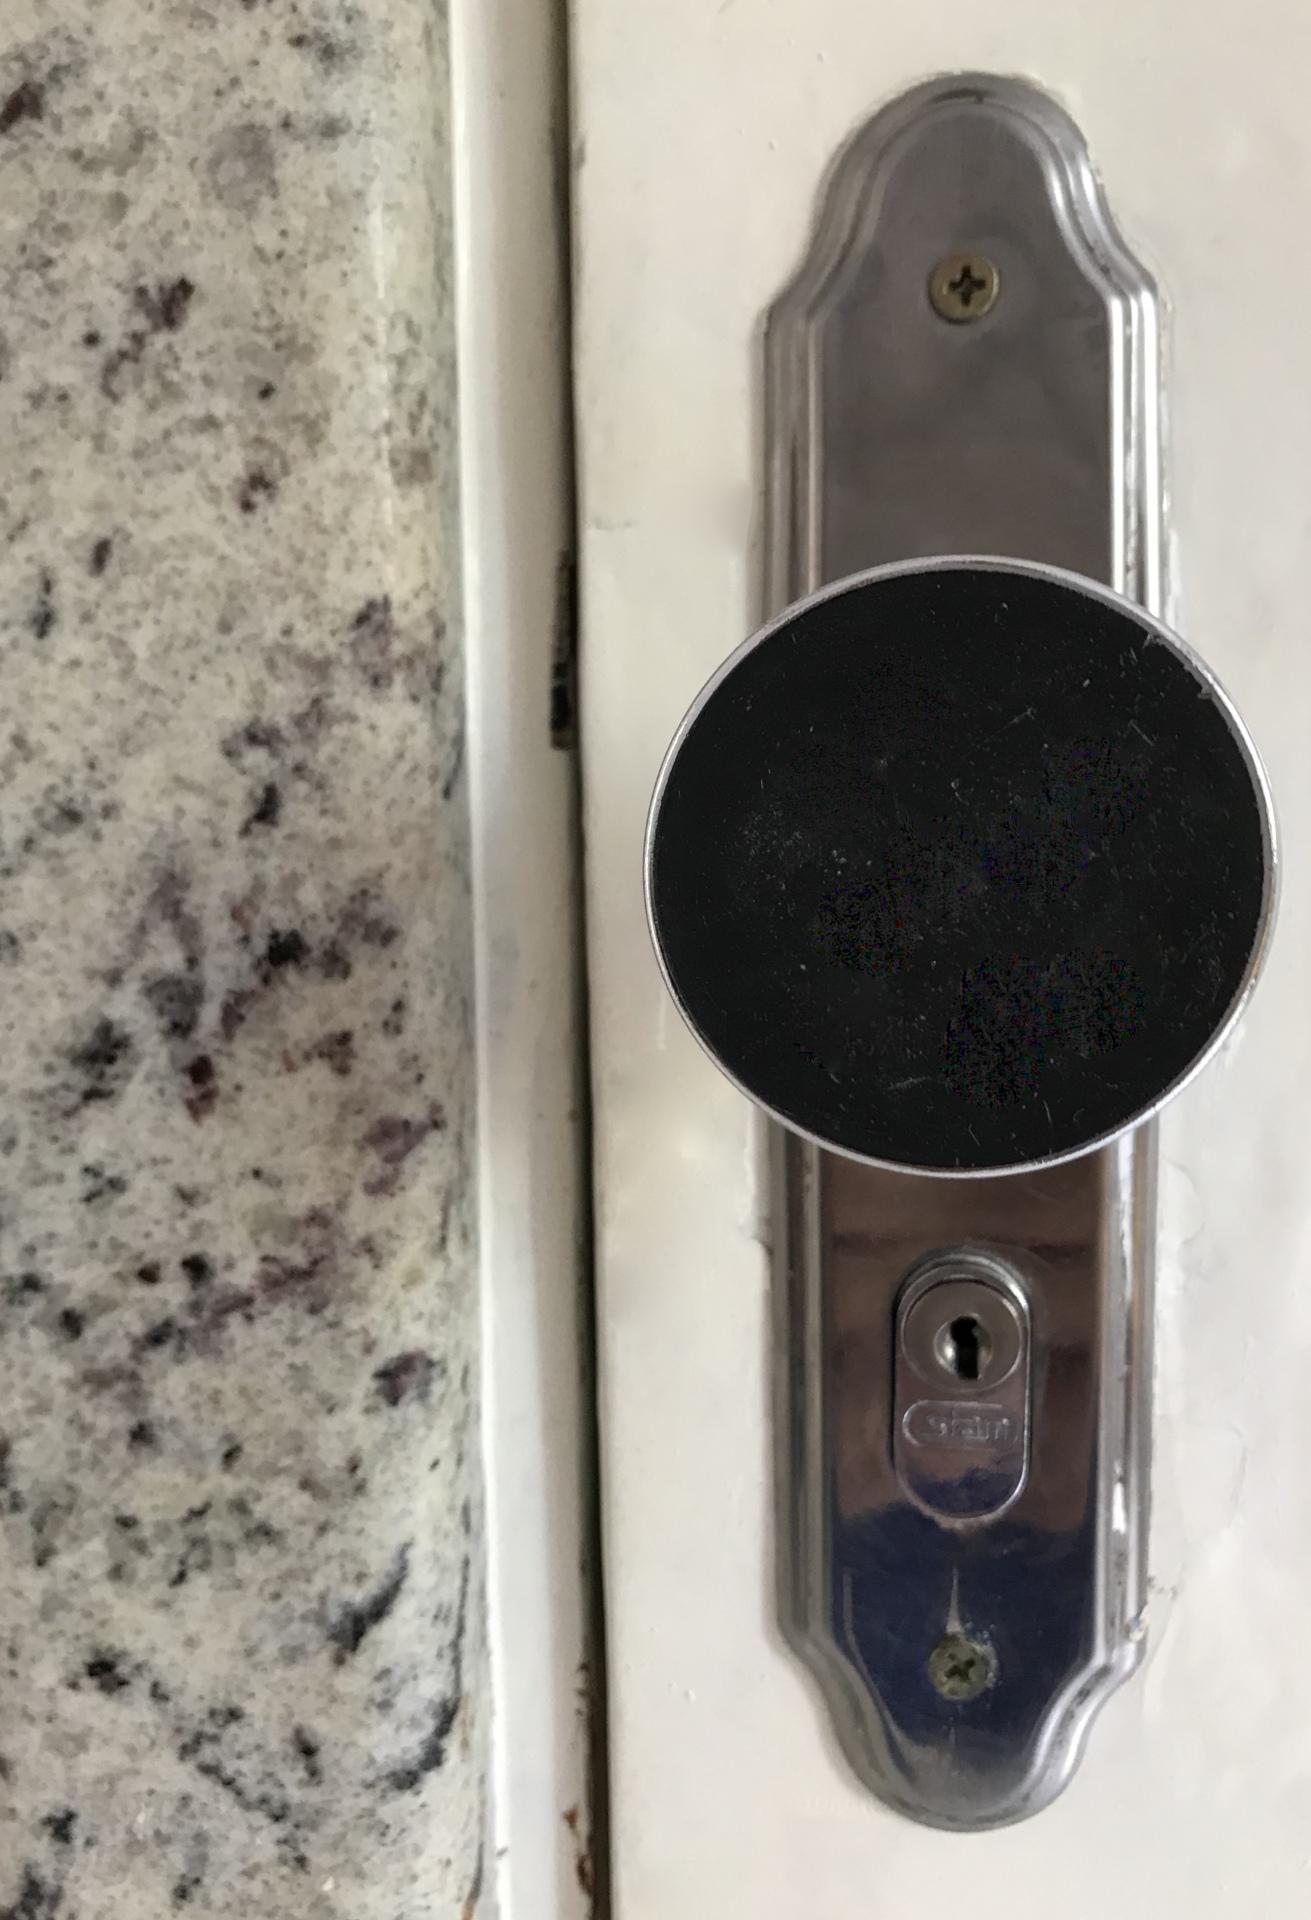 Entrada Granito / Door knob Granit